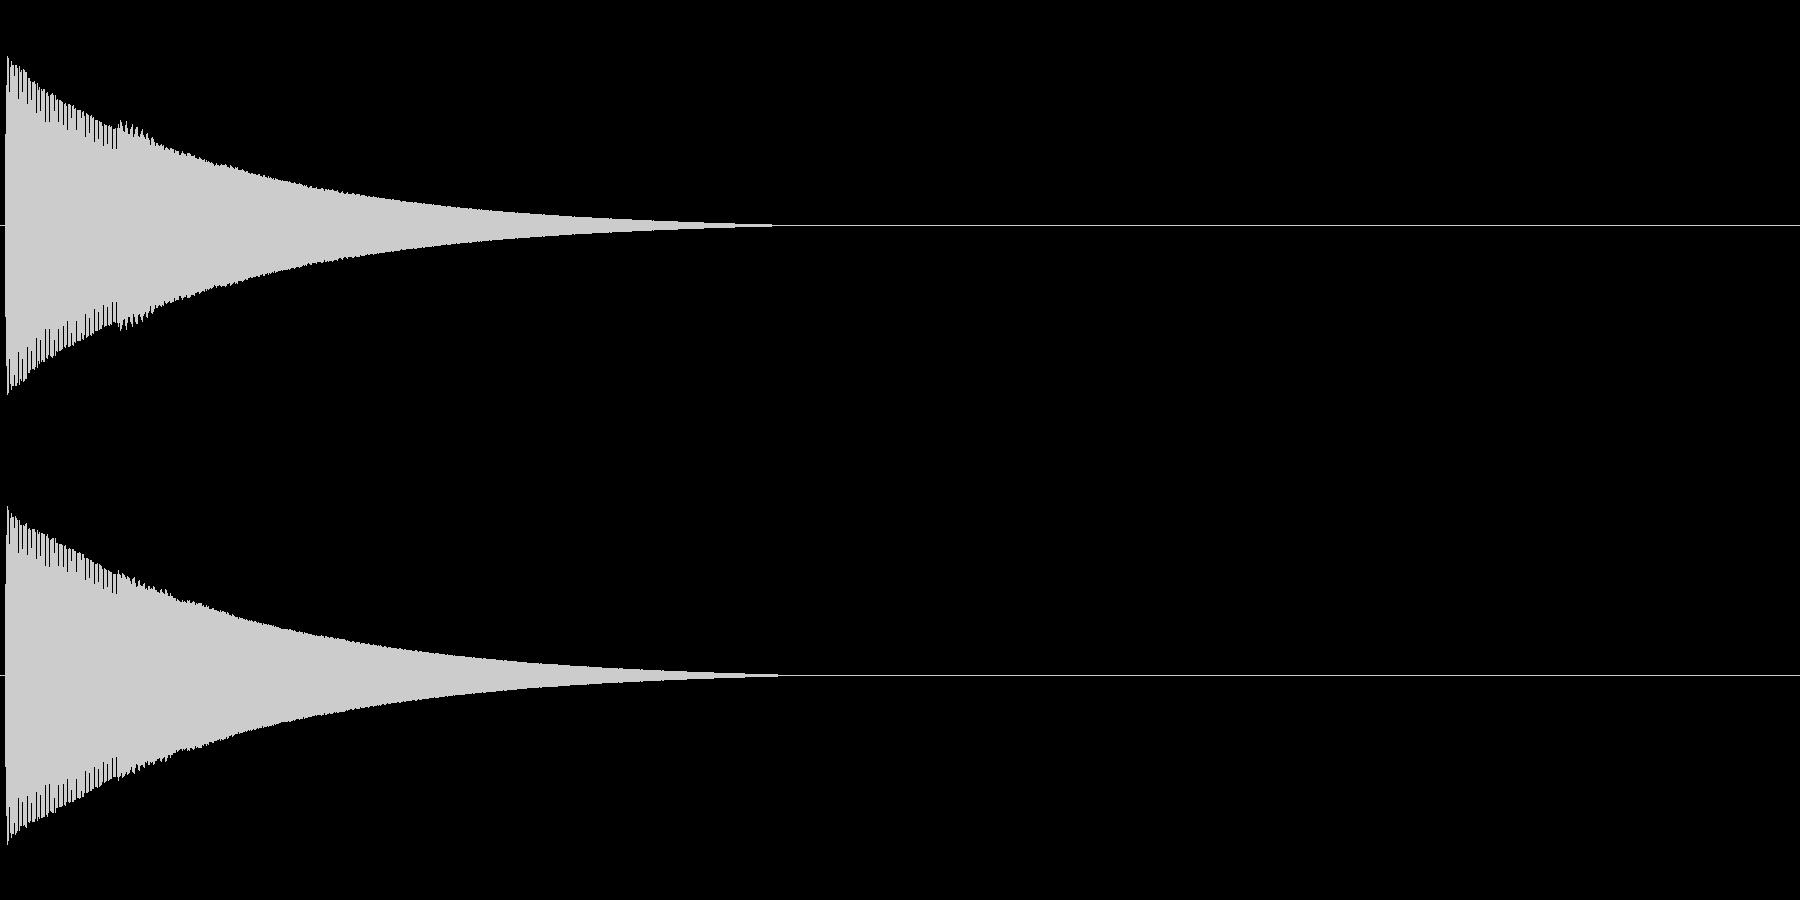 ピローン、ピコーンといった効果音「ファ」の未再生の波形